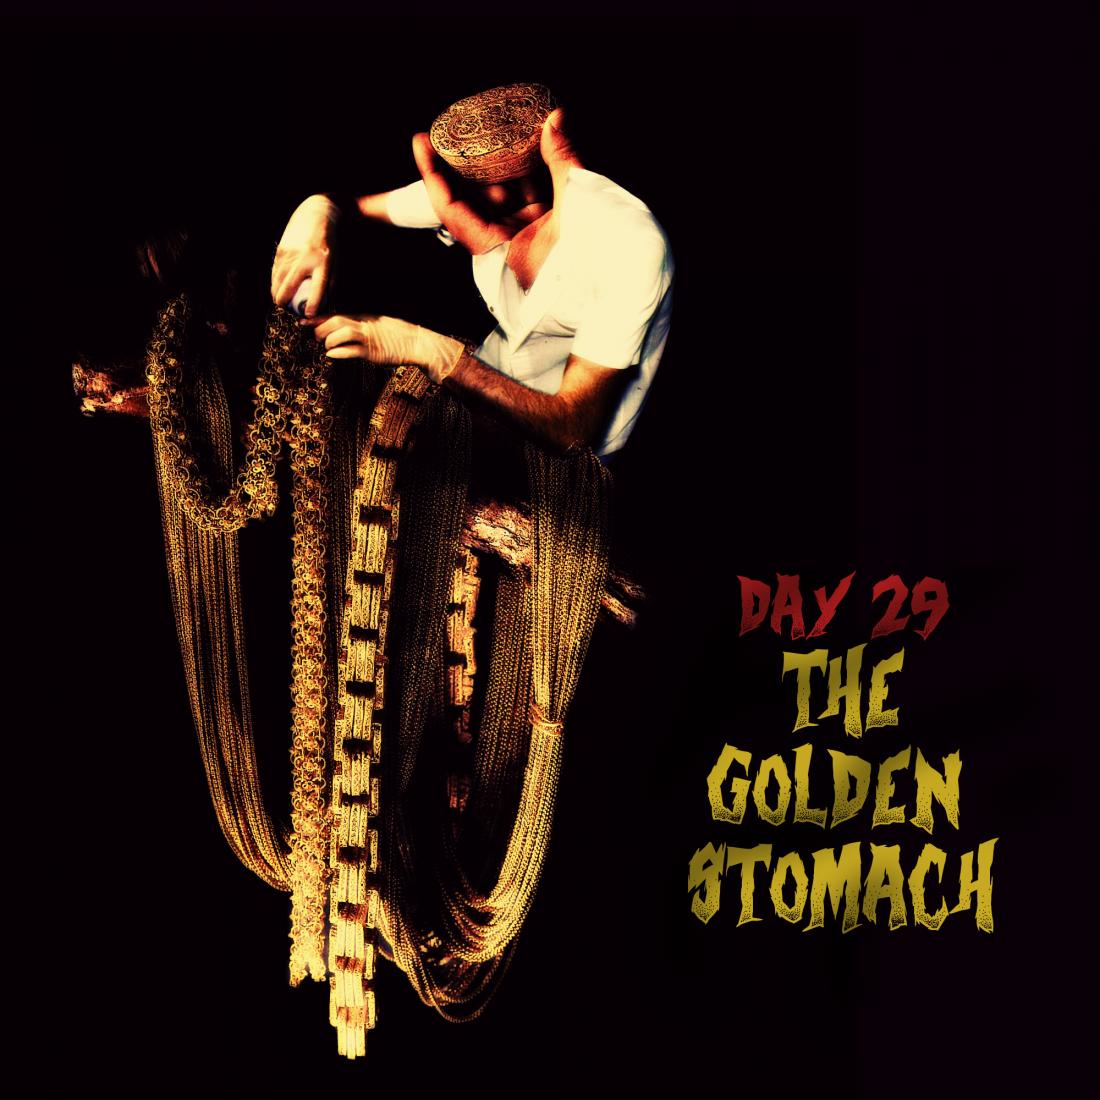 drawlloween-29-the-golden-stomach